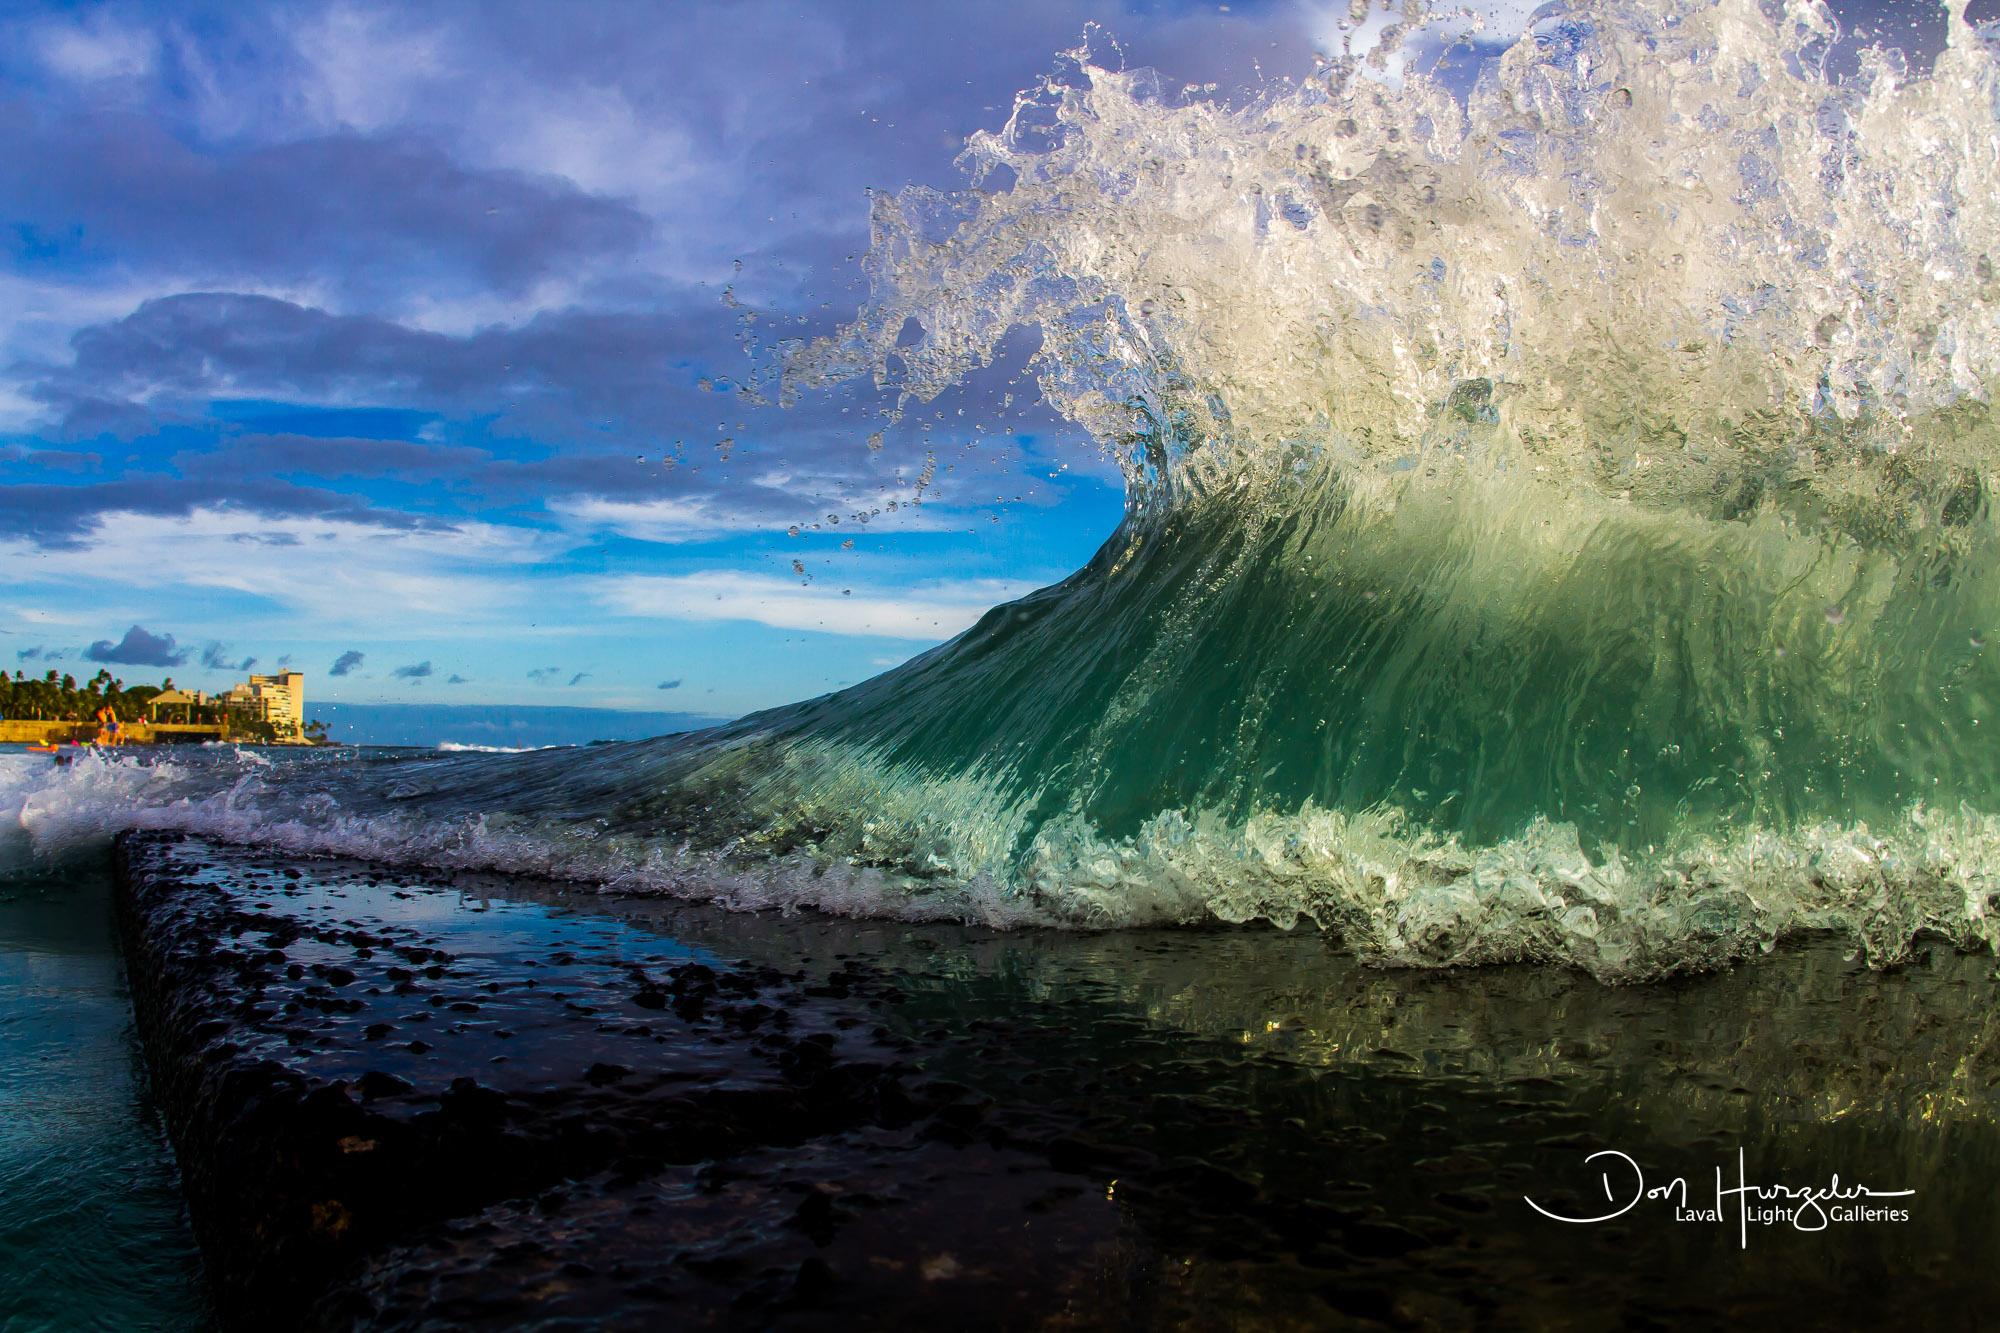 A little breakwater at Waikiki Beach.